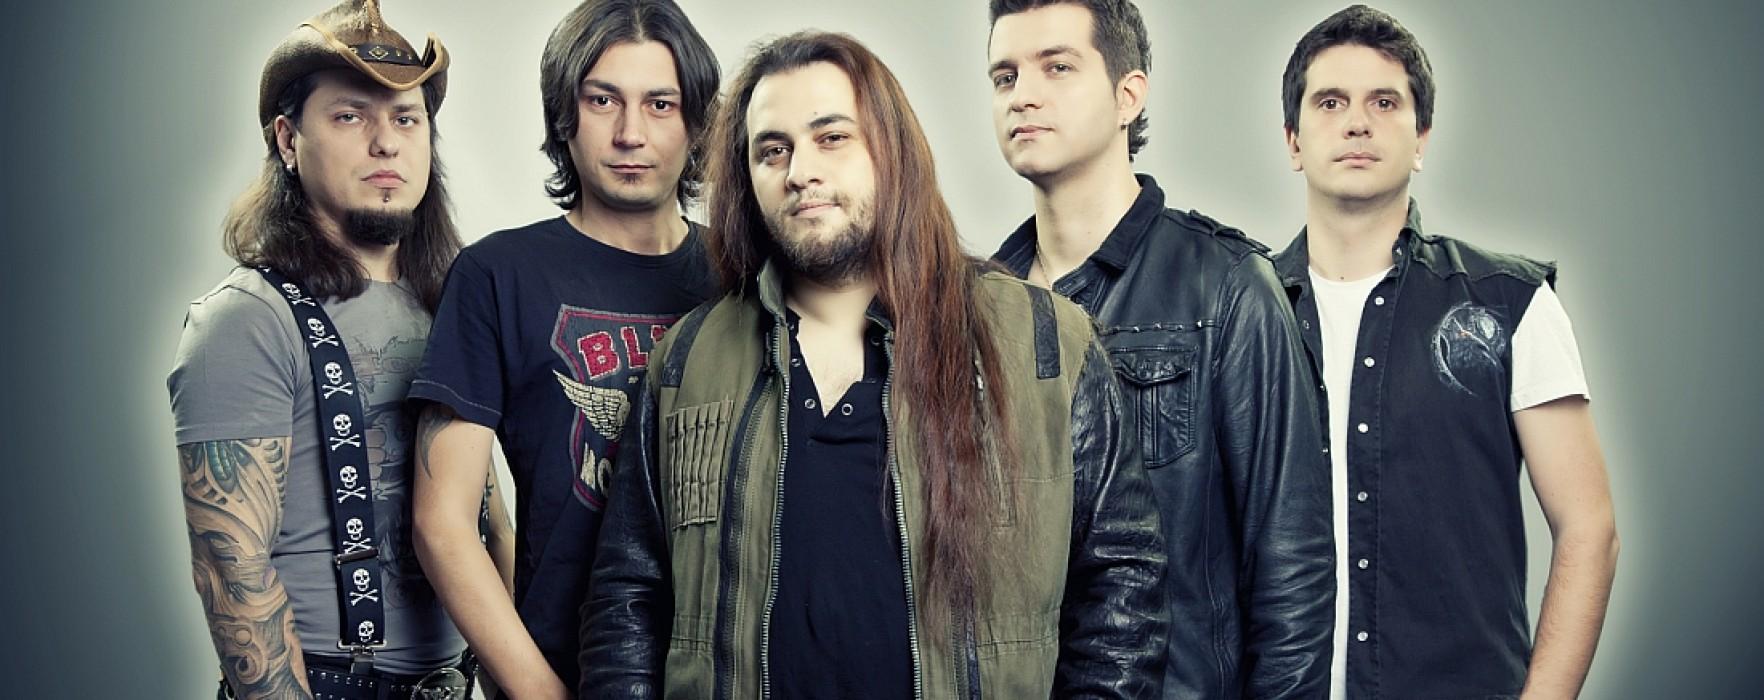 Trooper va concerta, alături de Cristi Minculescu şi Nuţu Olteanu, pe 1 noiembrie la Bucureşti